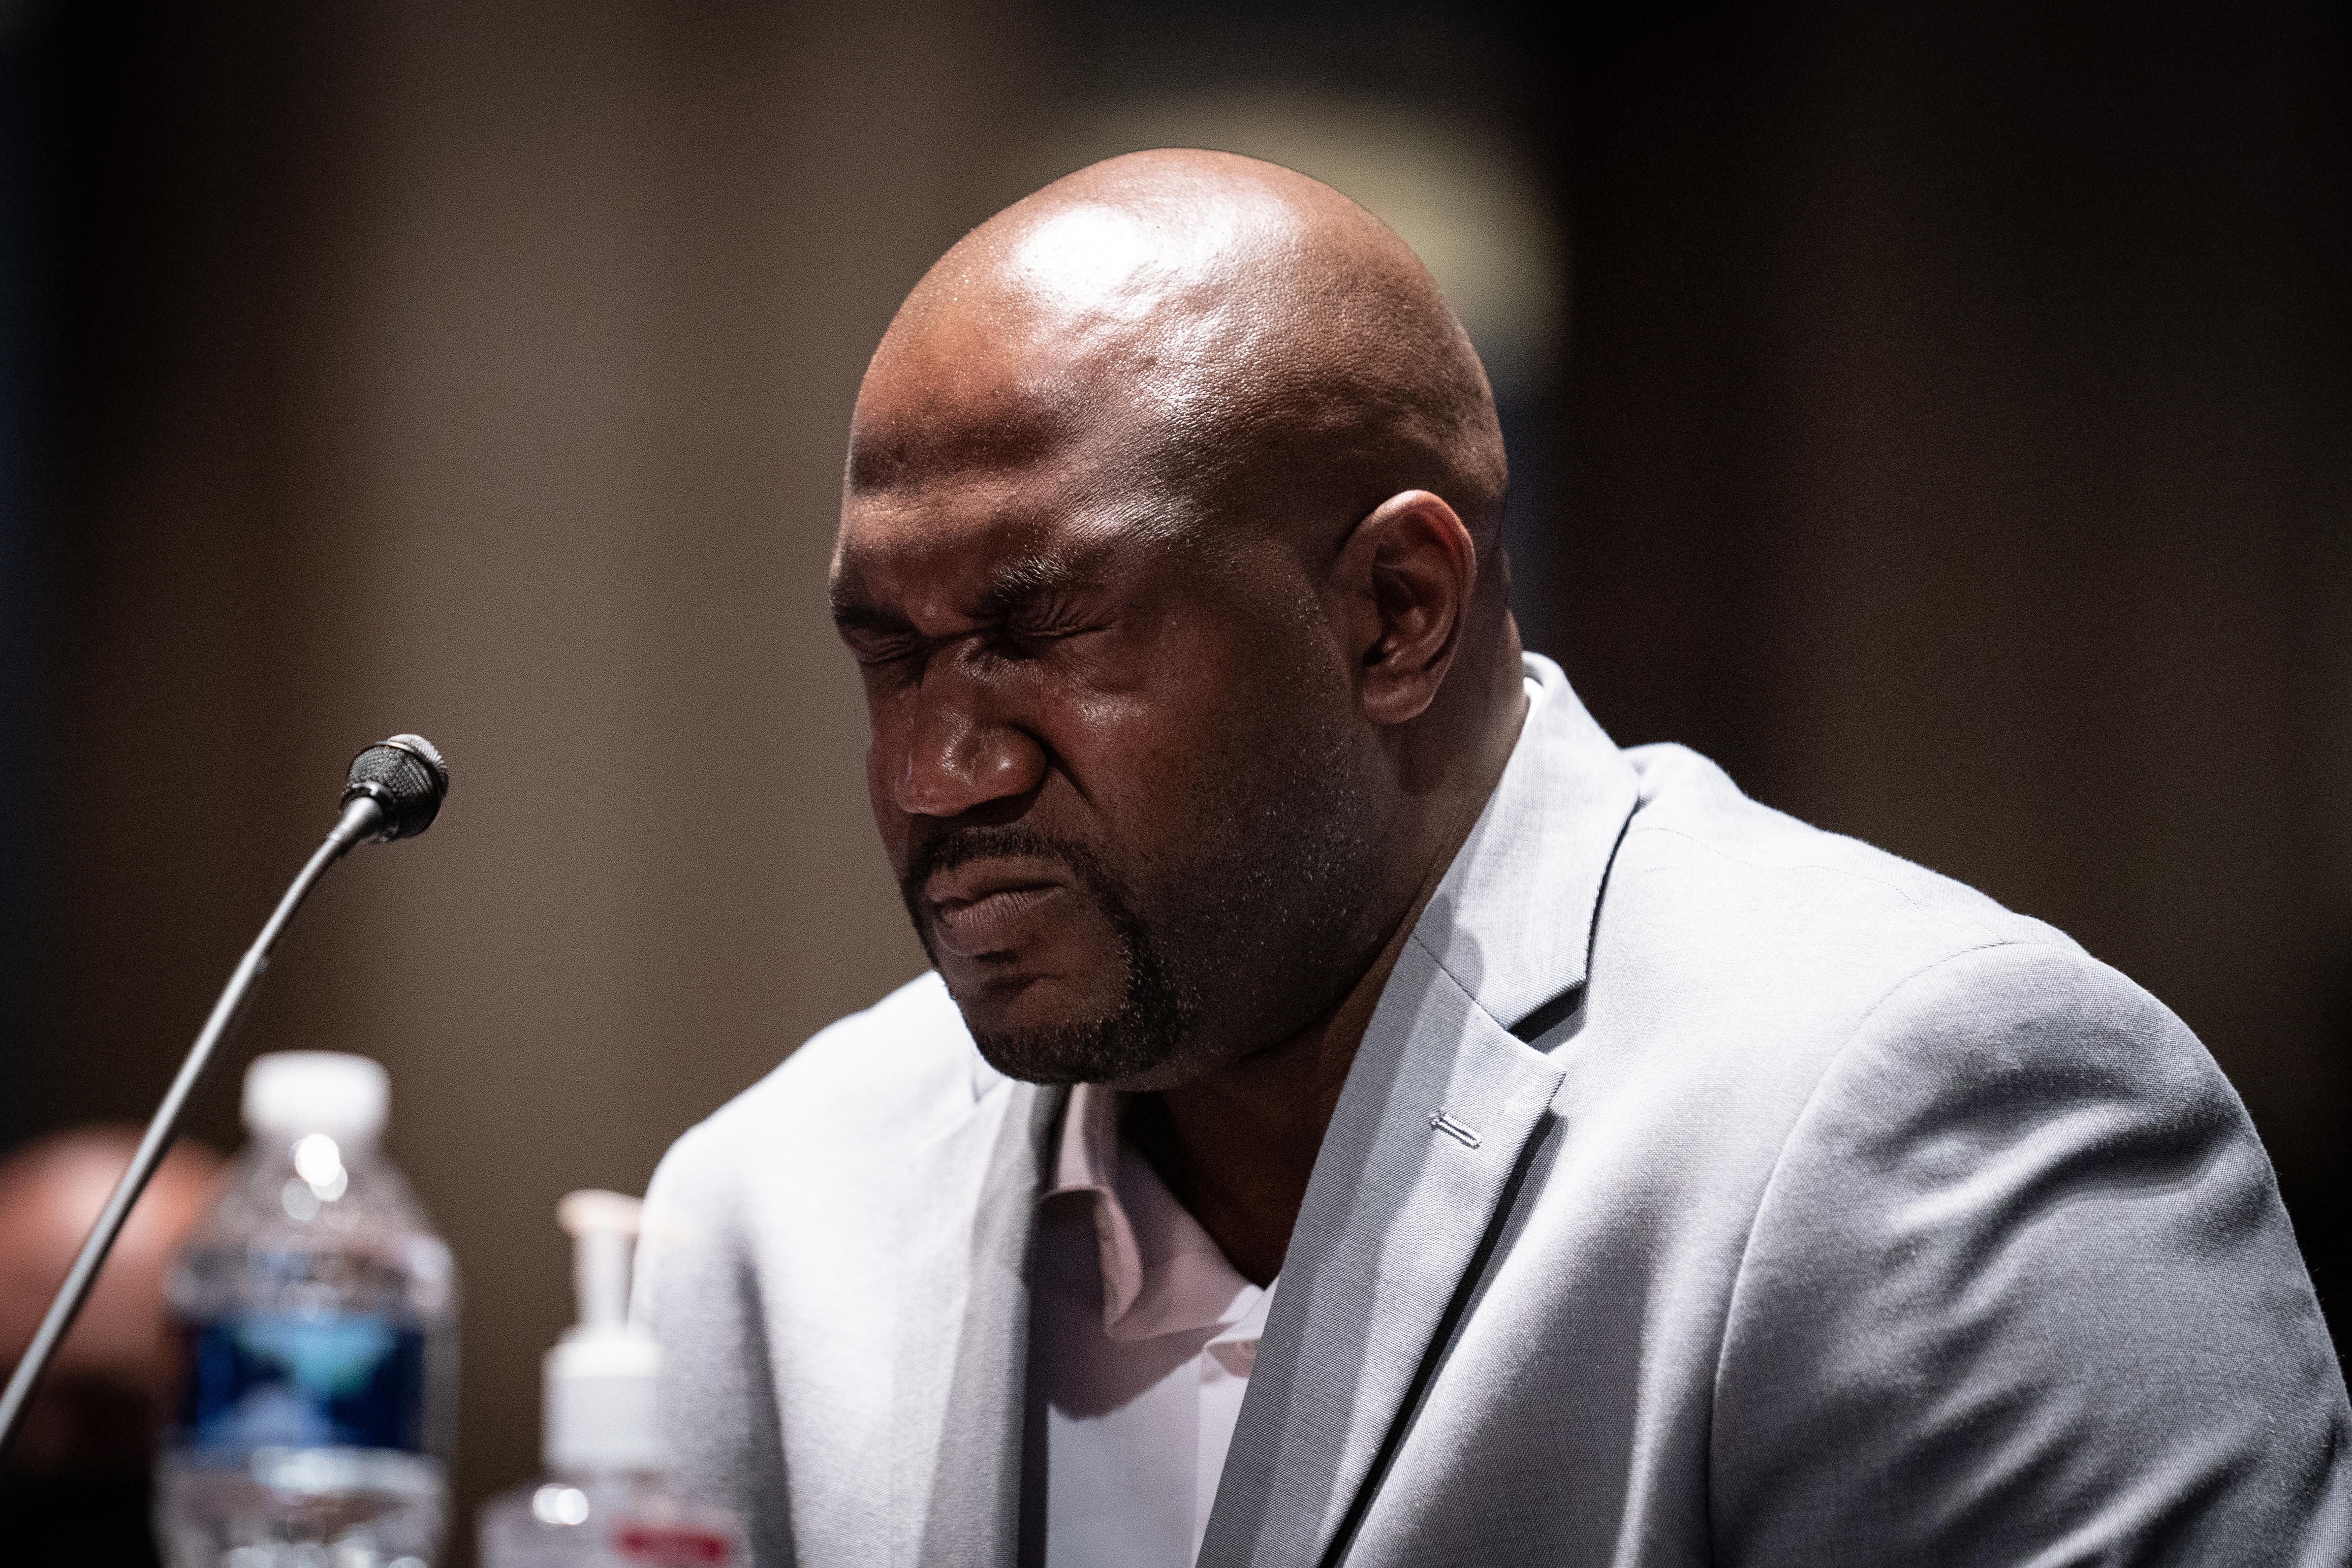 ジョージ・フロイドの弟であるフィロニーズ・フロイドは、下院司法委員会で警察の説明責任に関する公聴会で証言しながら涙を流している。